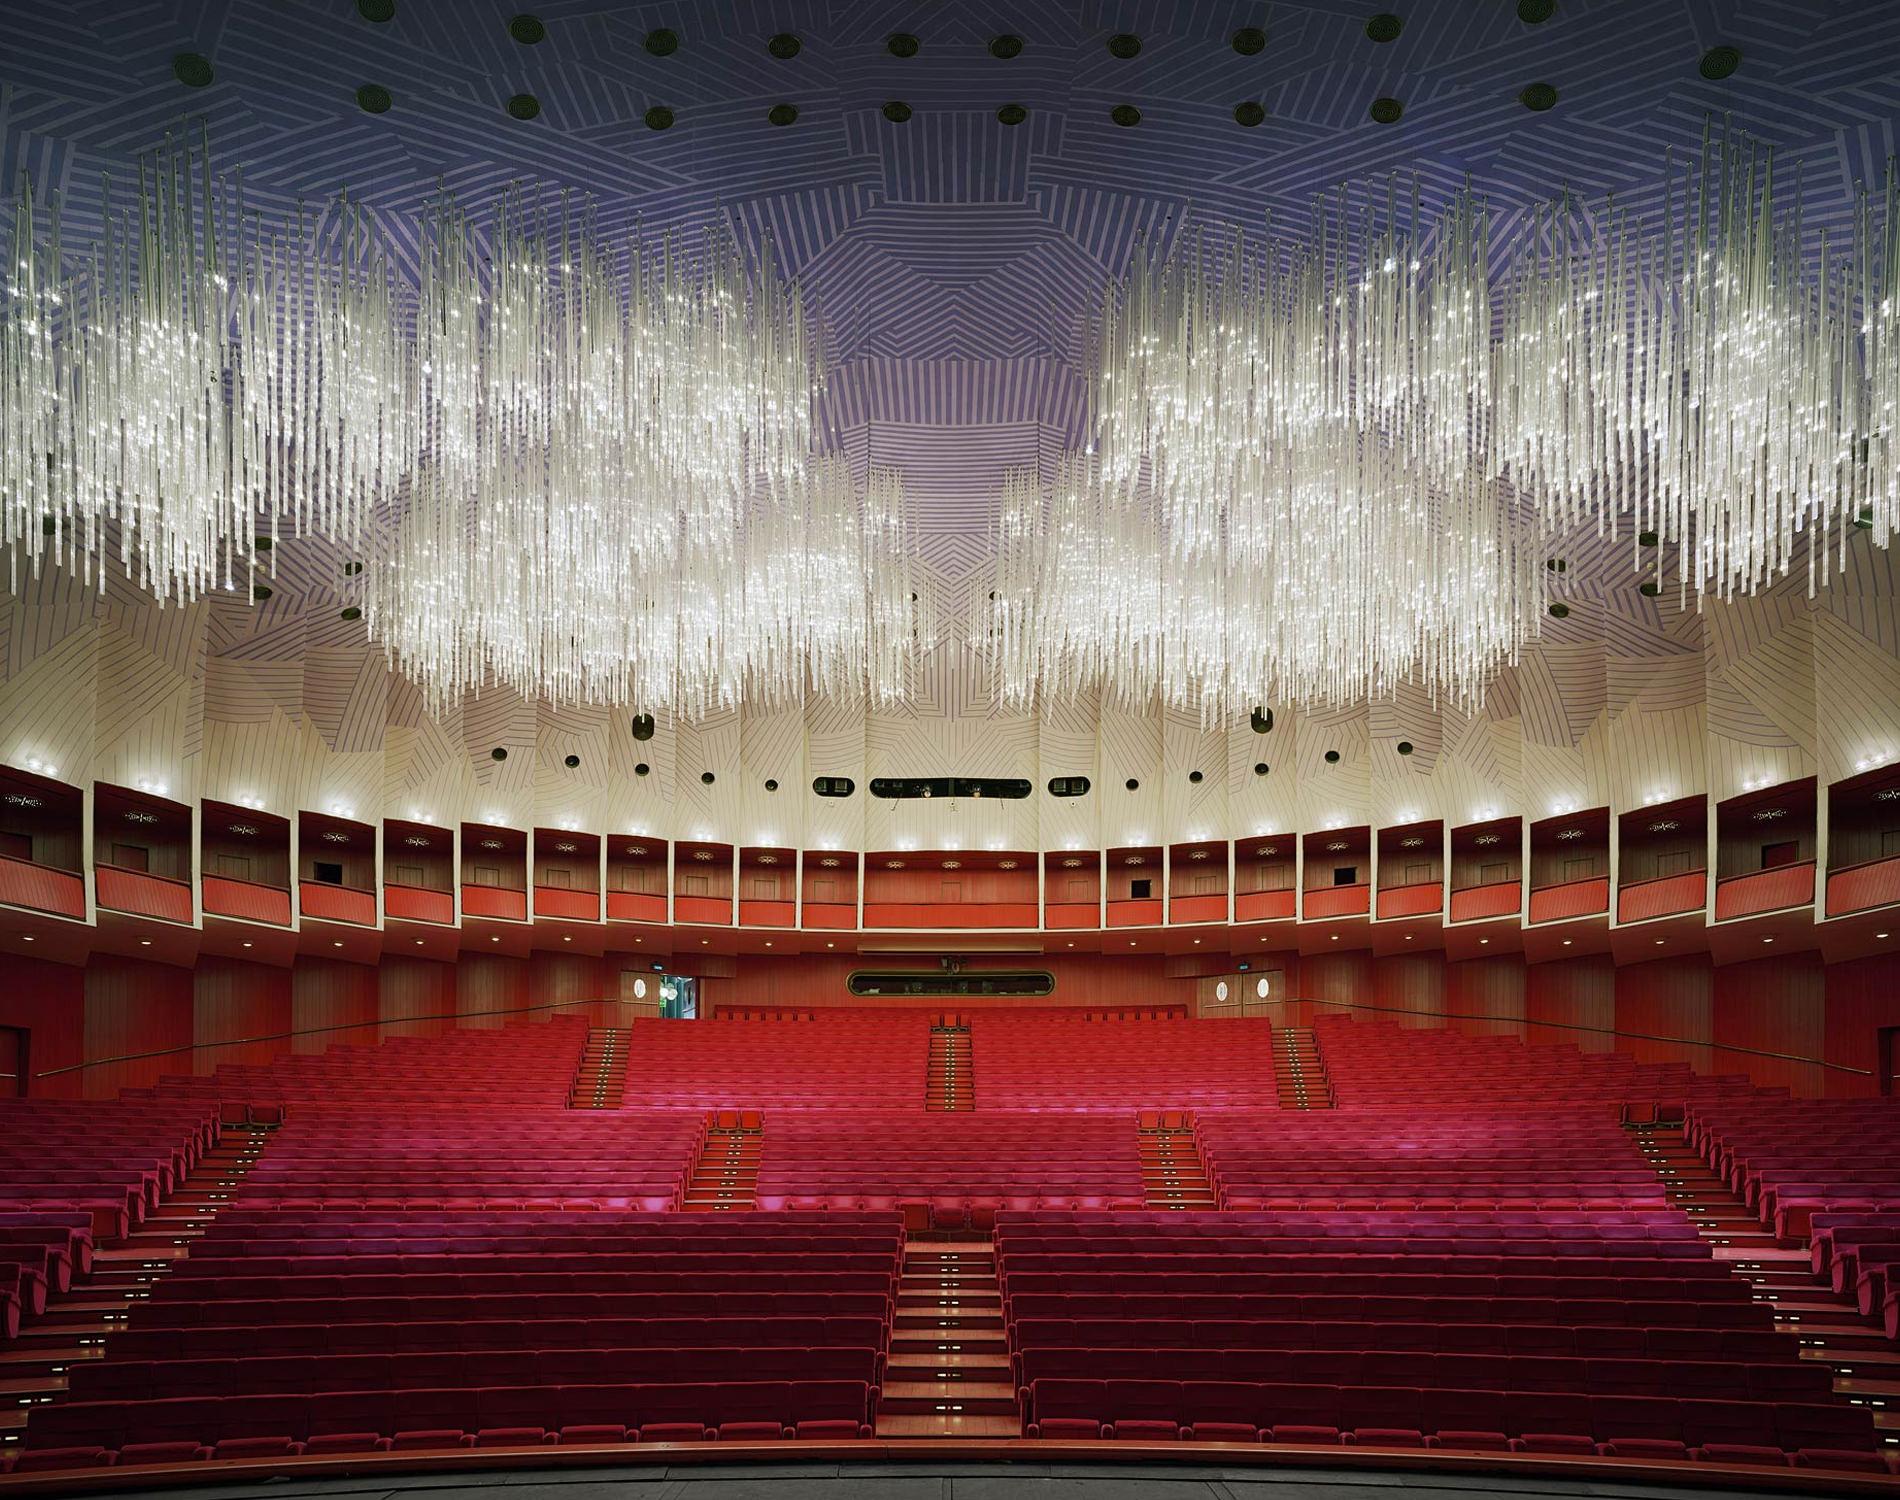 Opera Teatro Regio Turin Italie 2010